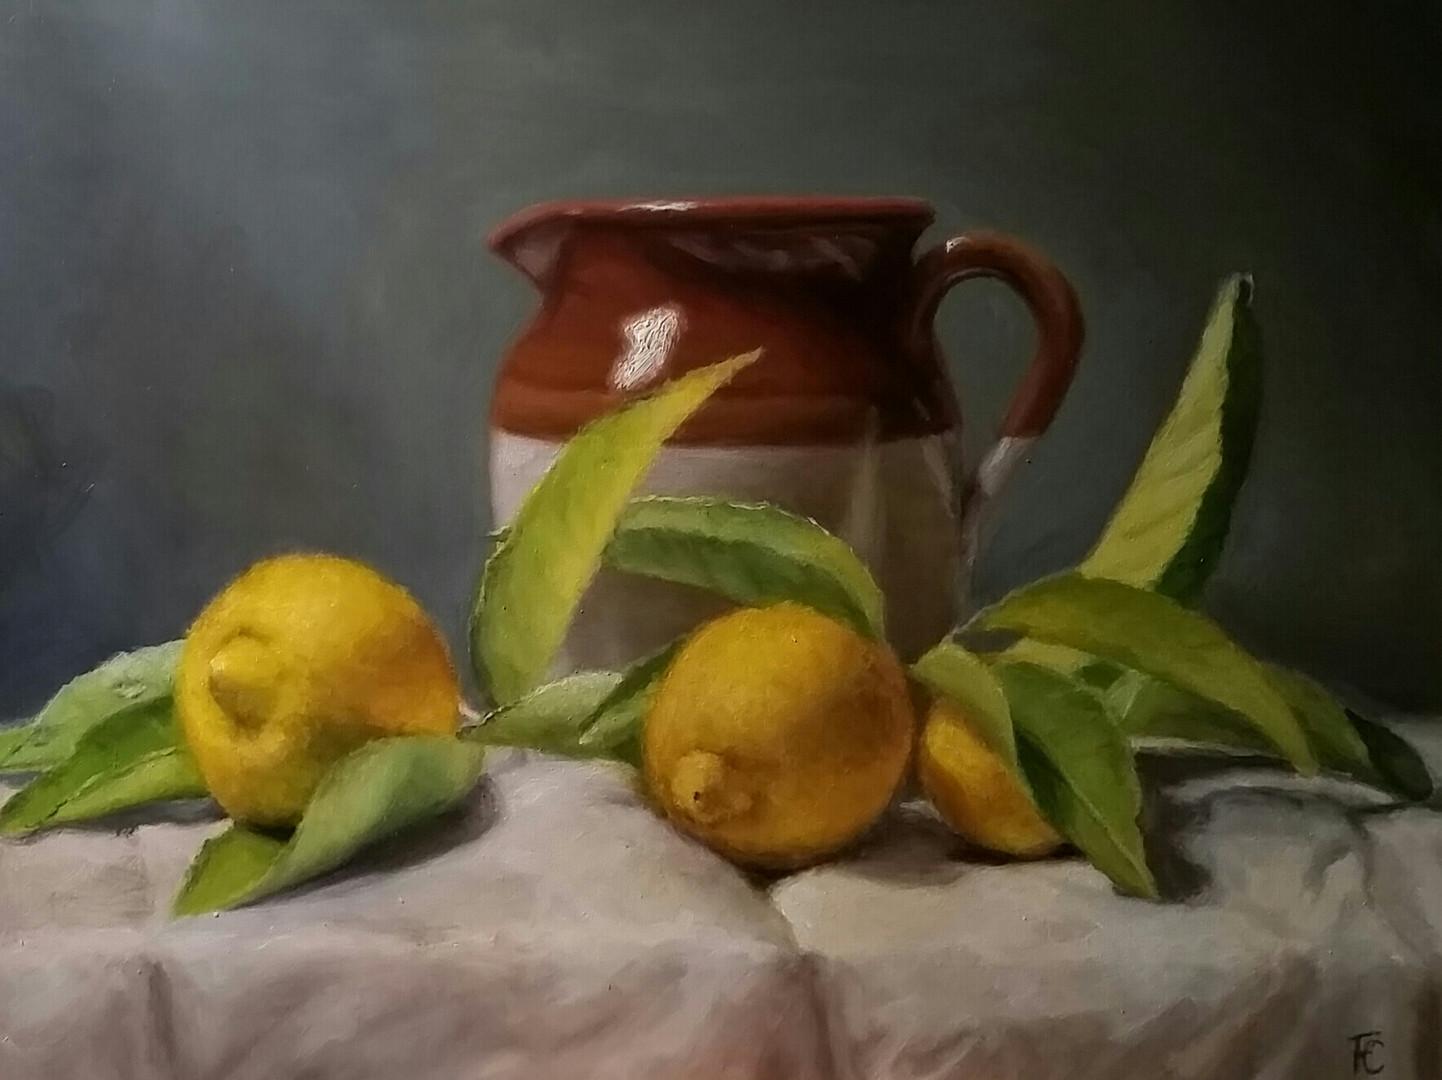 Jug and lemons